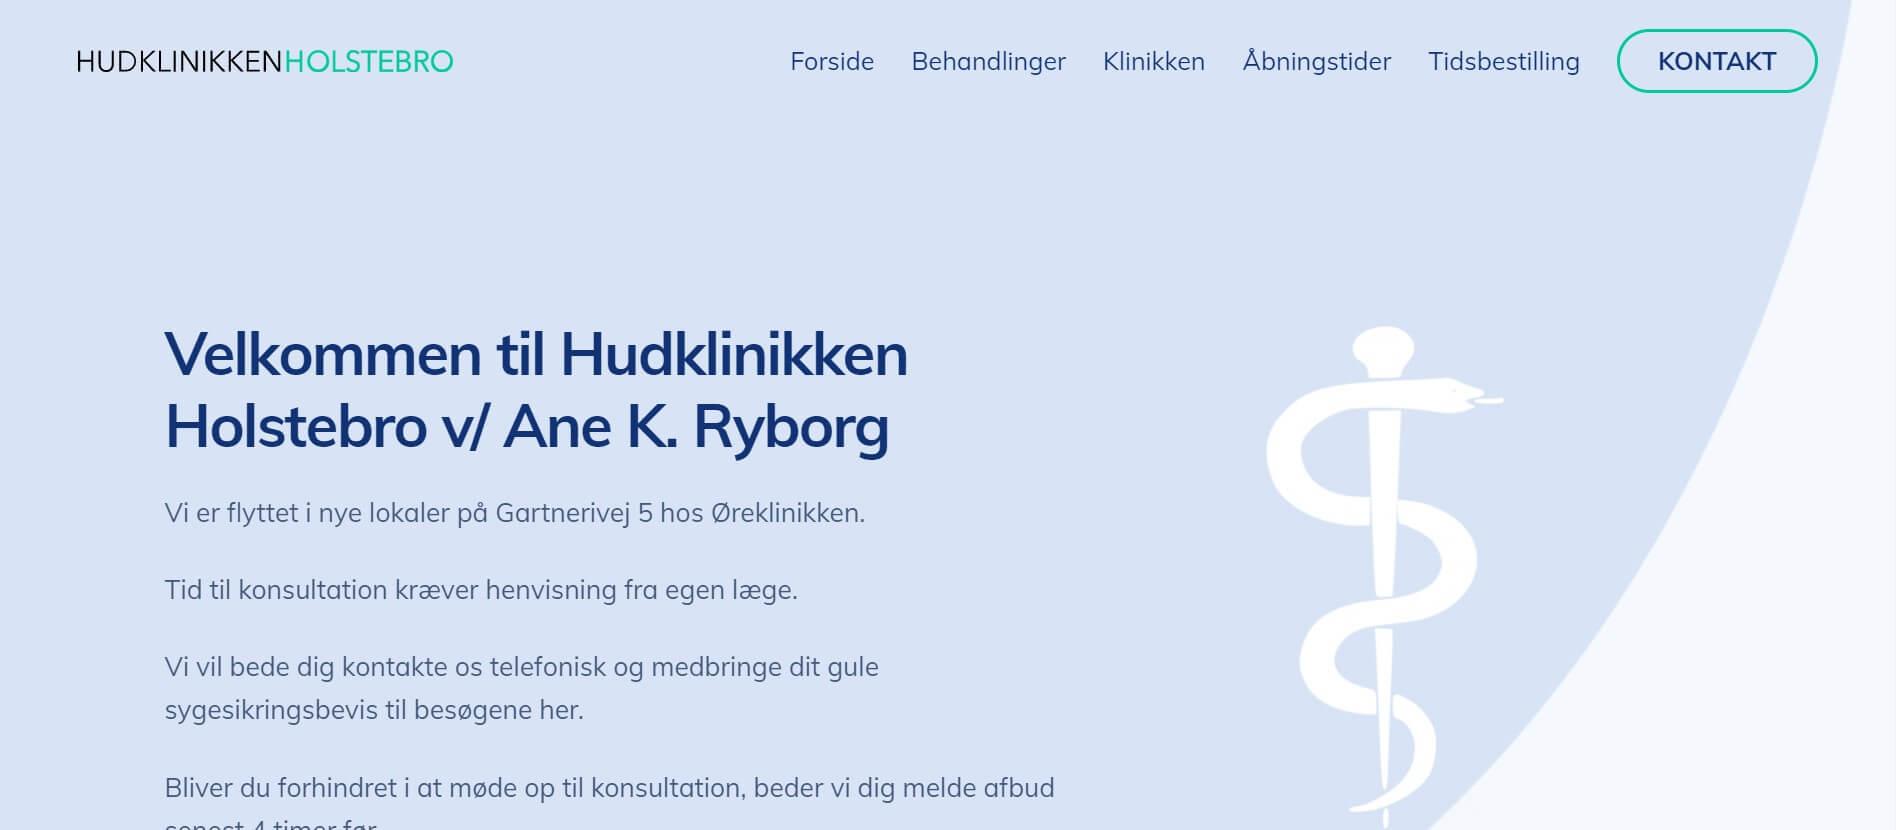 Hjemmeside til hudklinik / hudlæge